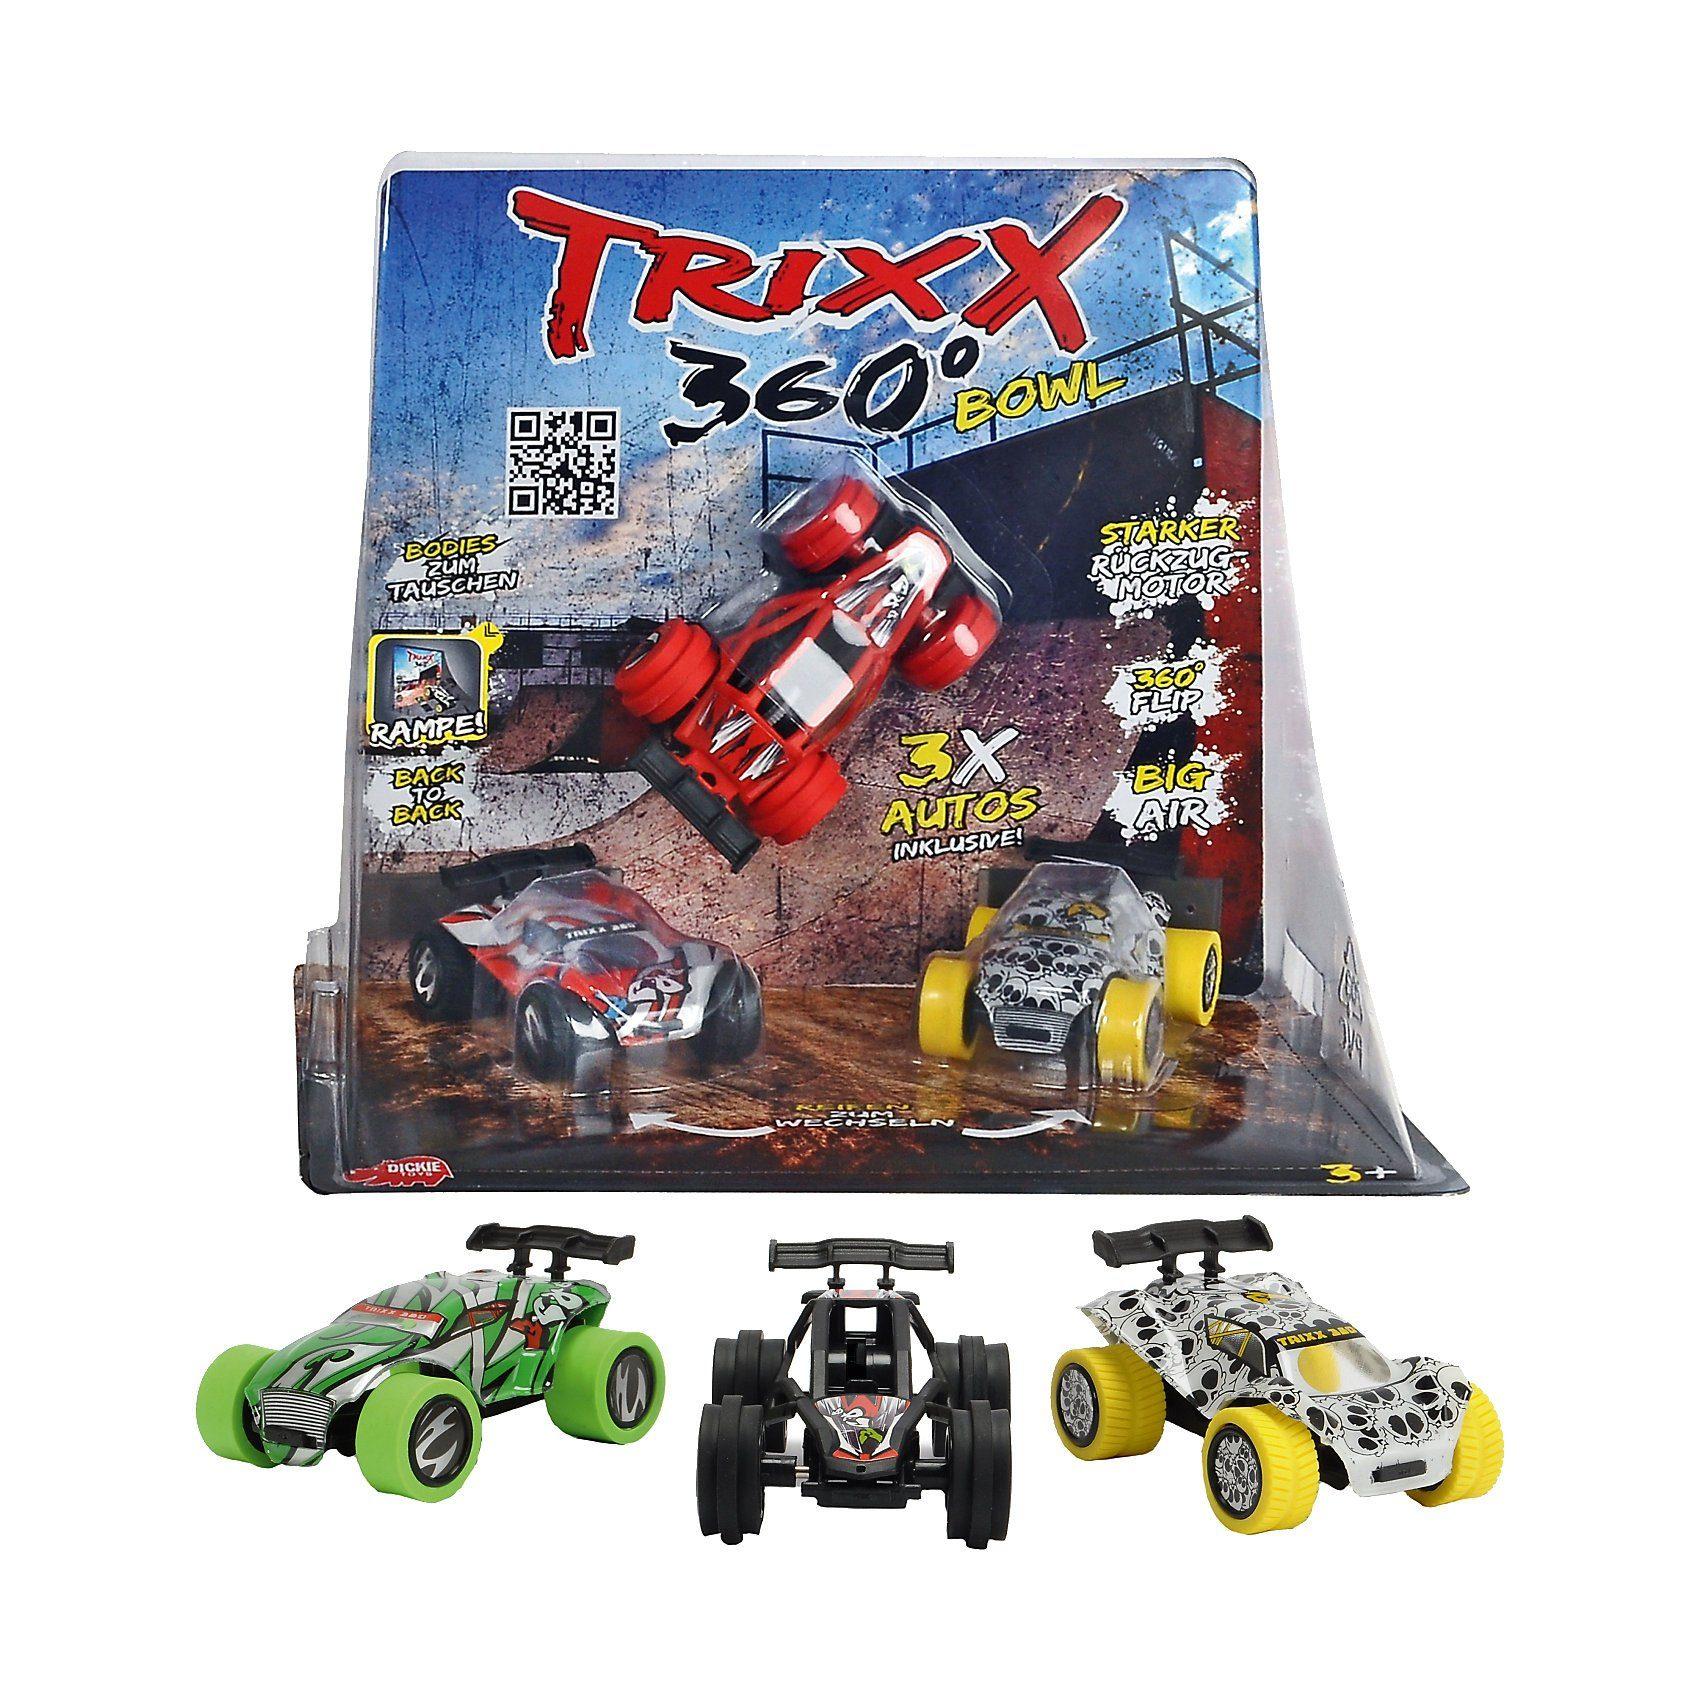 Dickie Toys TRXX05 Trixx 360 - Straight Bowl Ramp